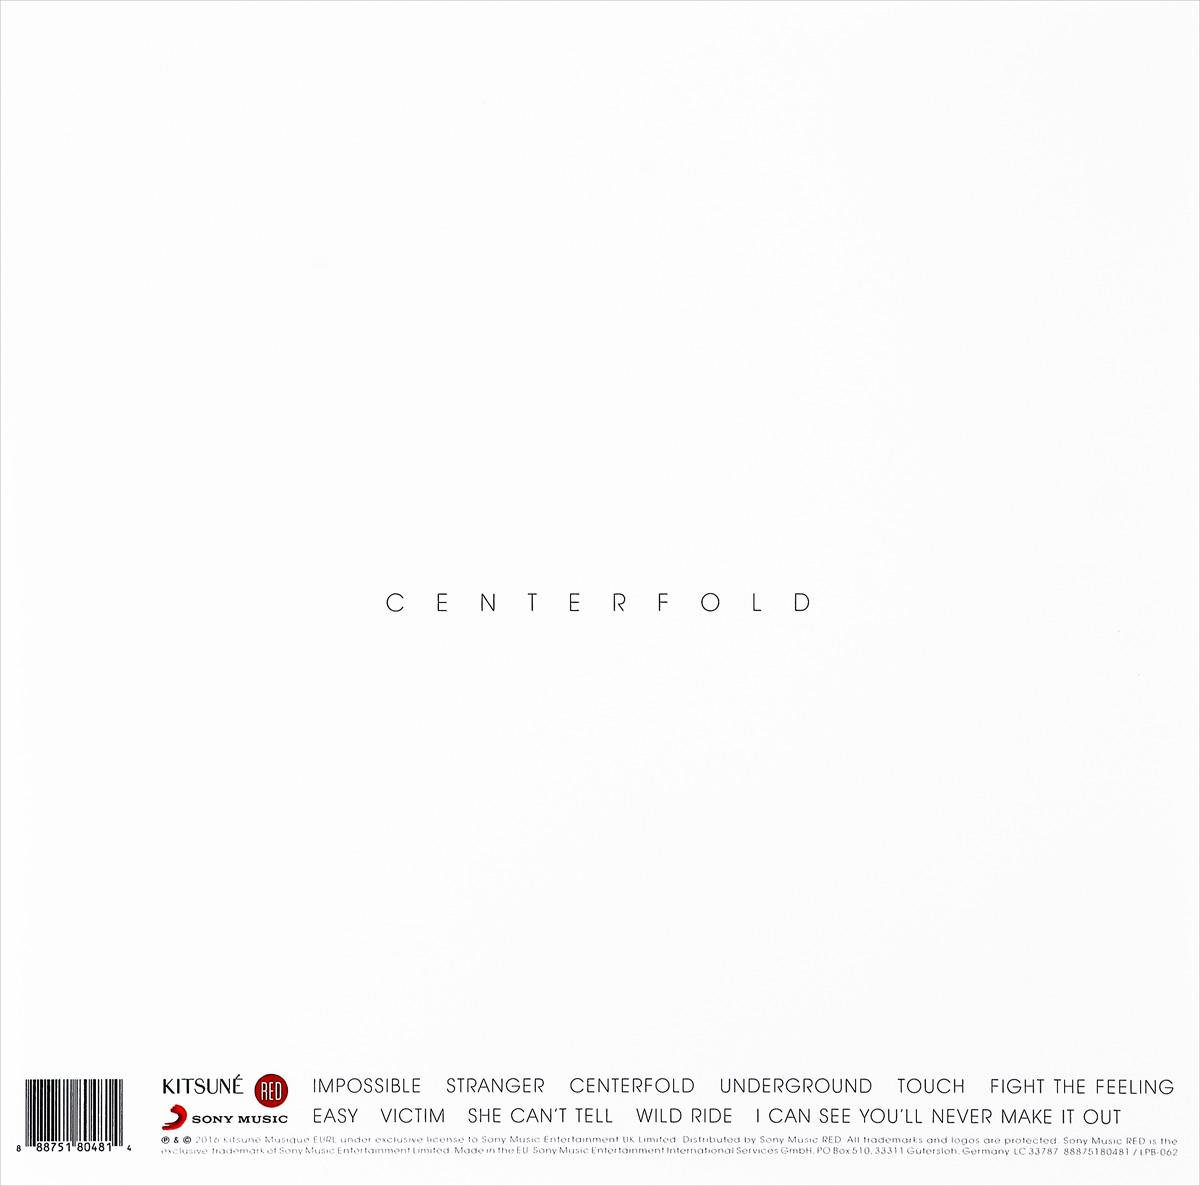 Mothxr.  Centerfold (LP + CD) Sony Music Entertainment UK Limited,Warner Music